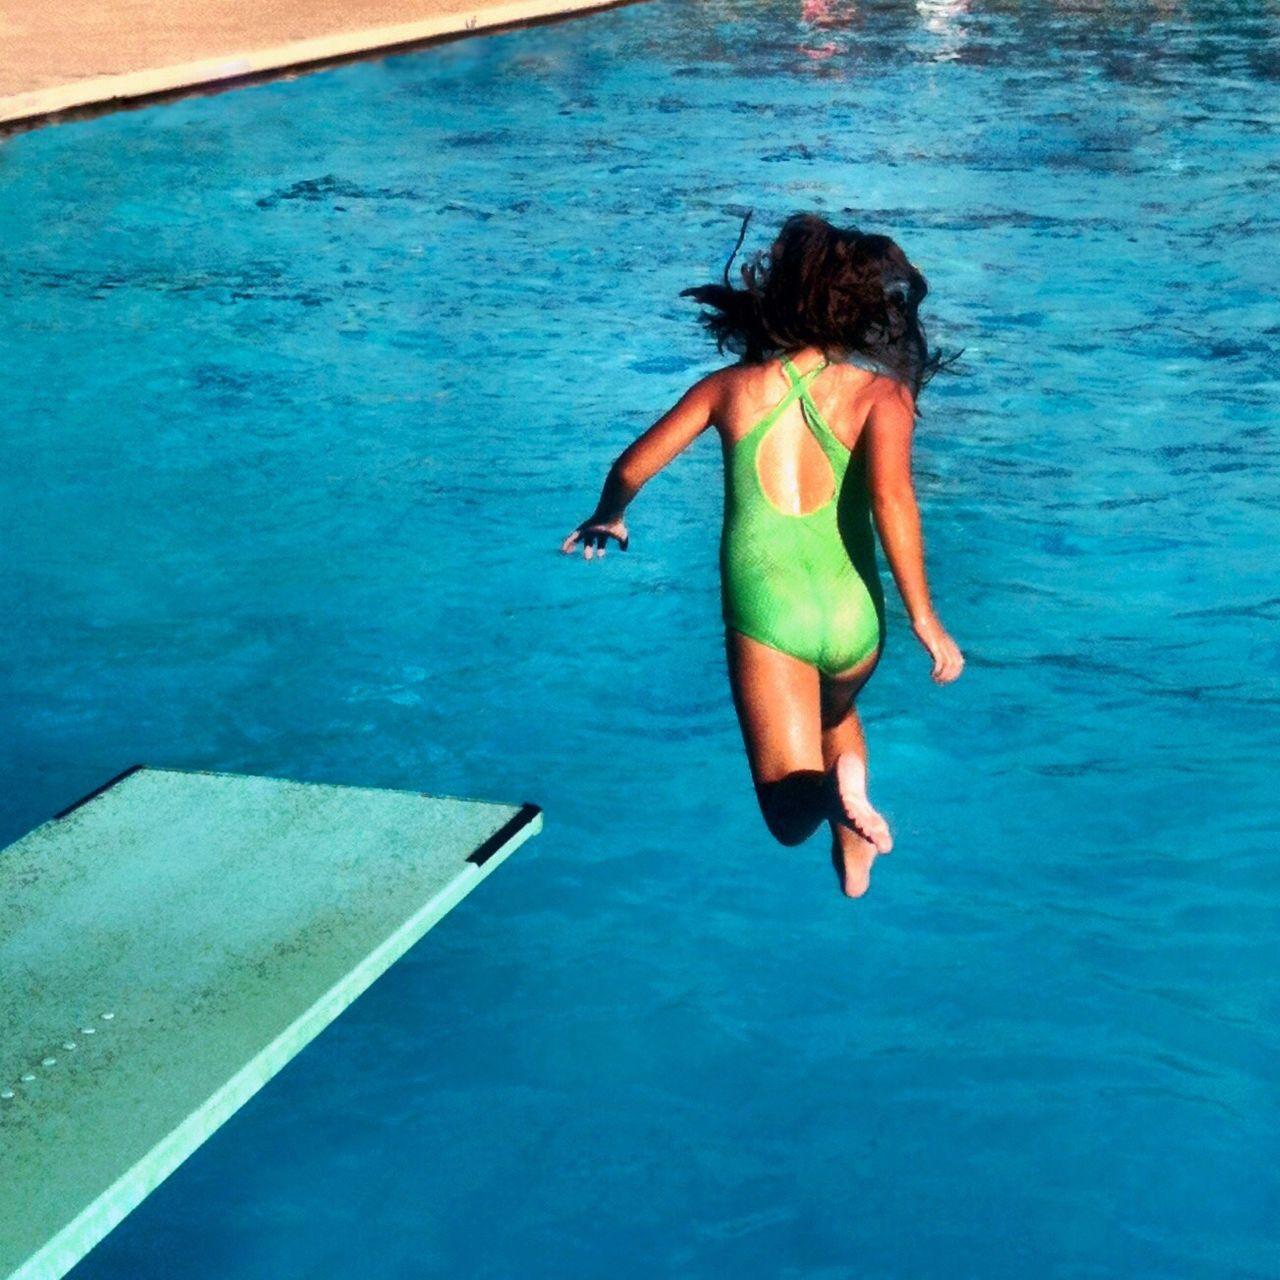 Swimming Pool Swimmingpool Diving Board Jump